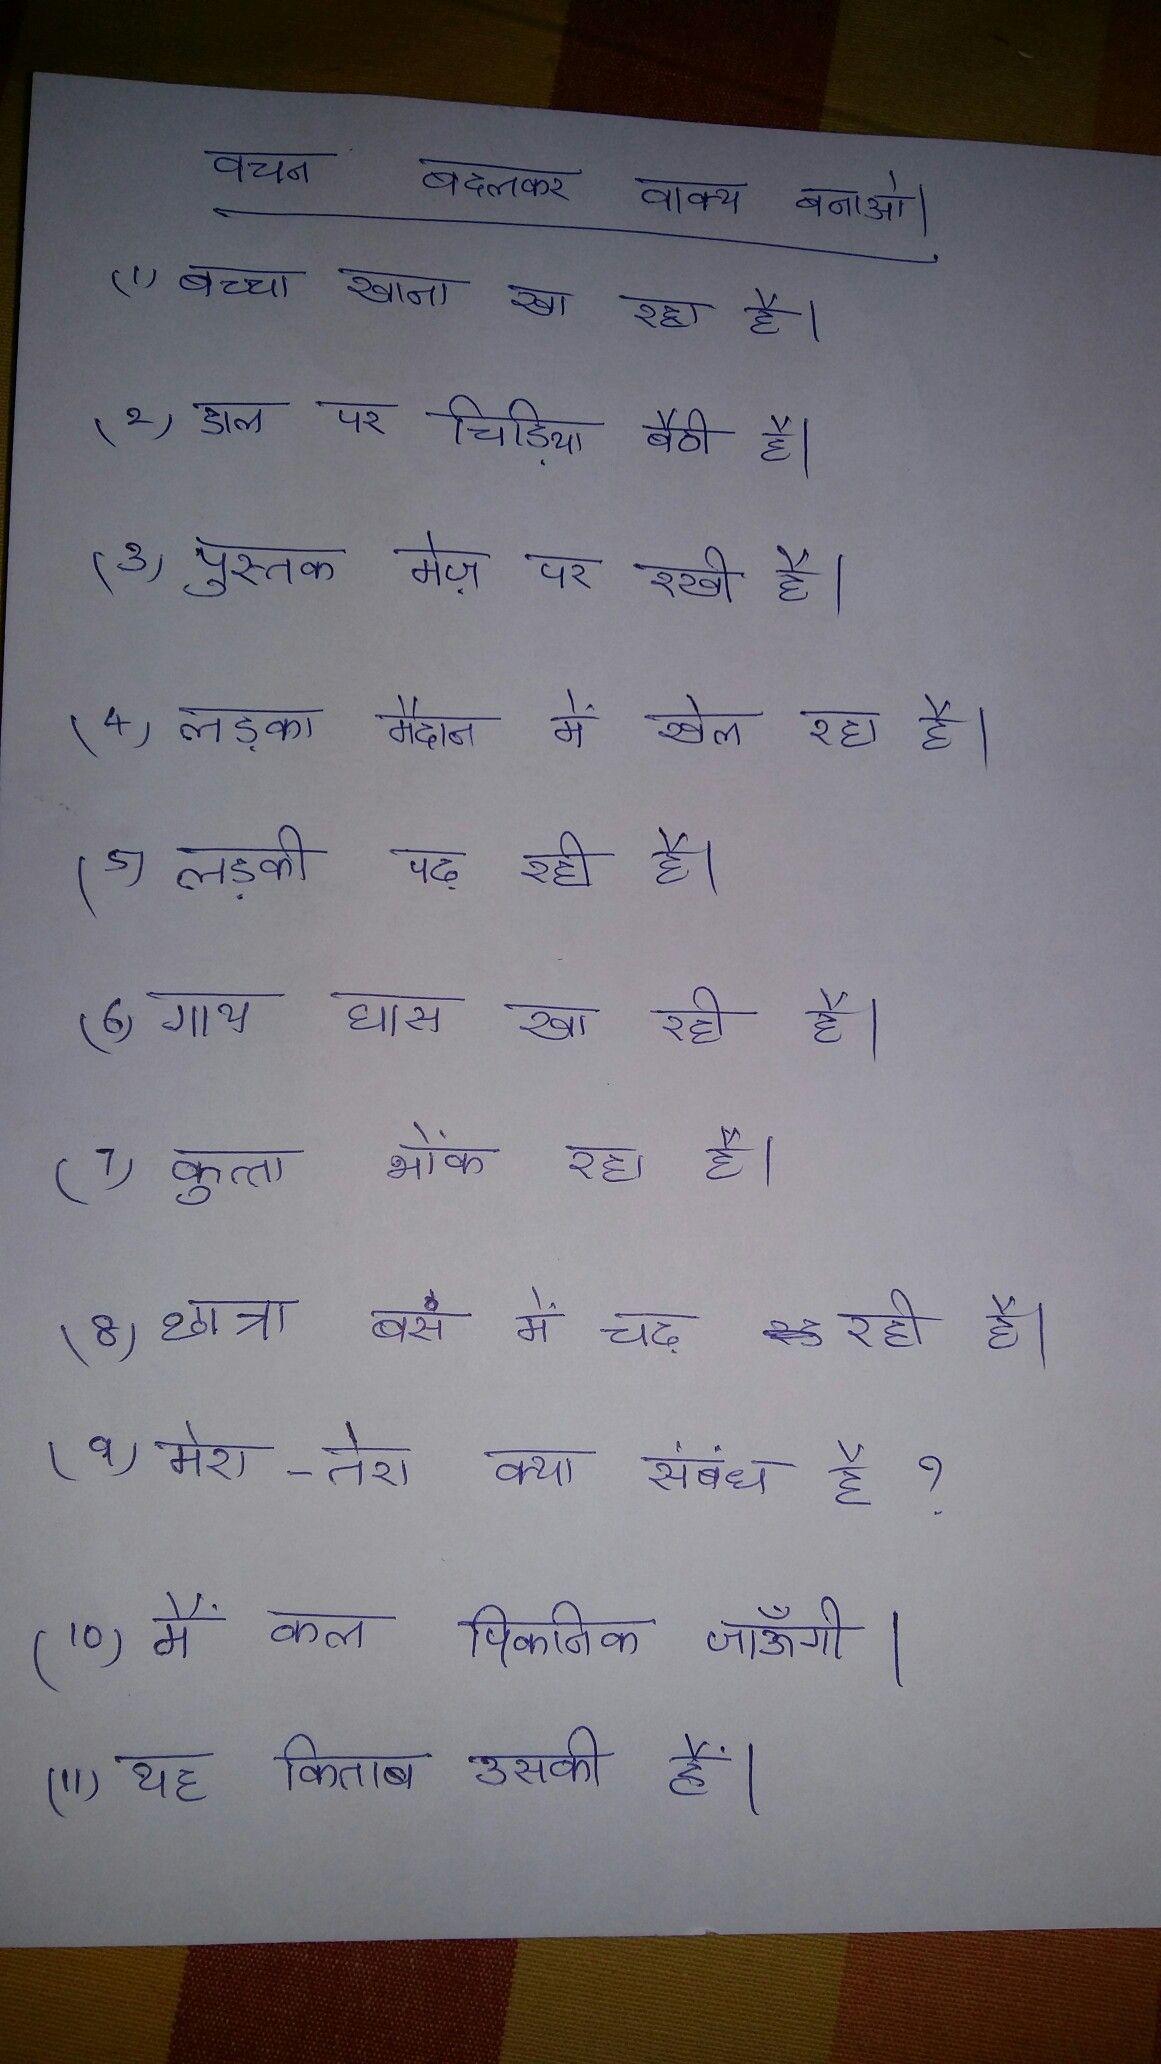 Hindi grammar vachan worksheet | worksheets for school kids ...